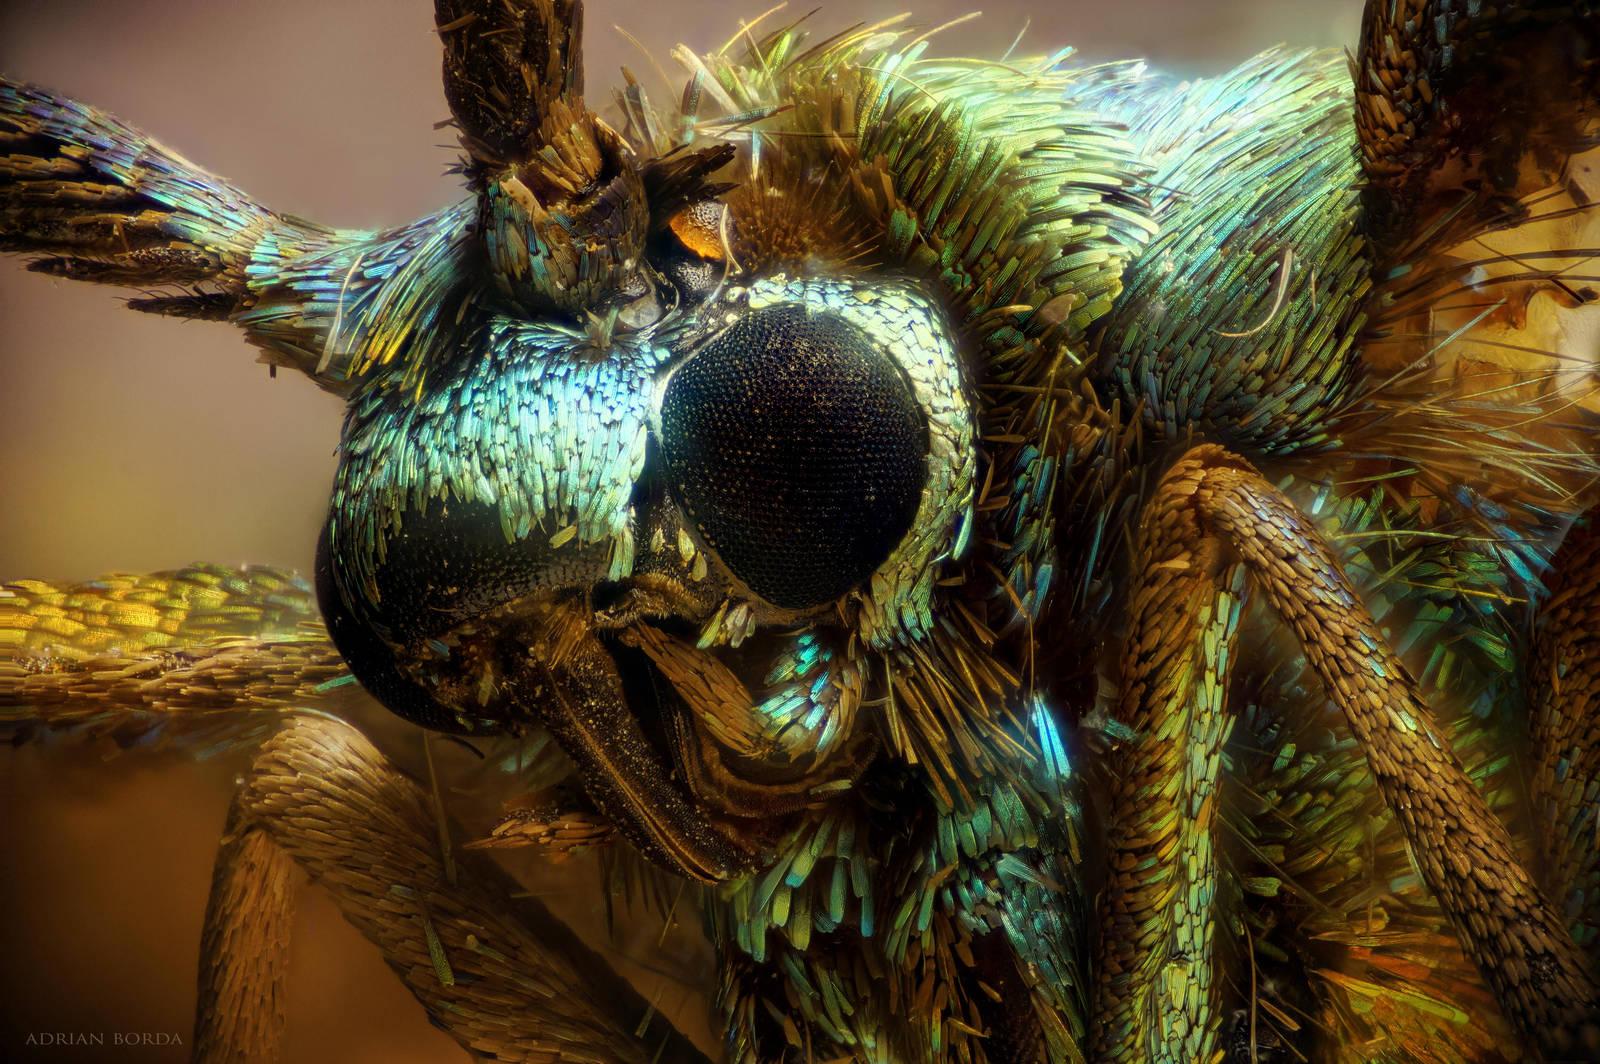 Jordanita globulariae moth by borda